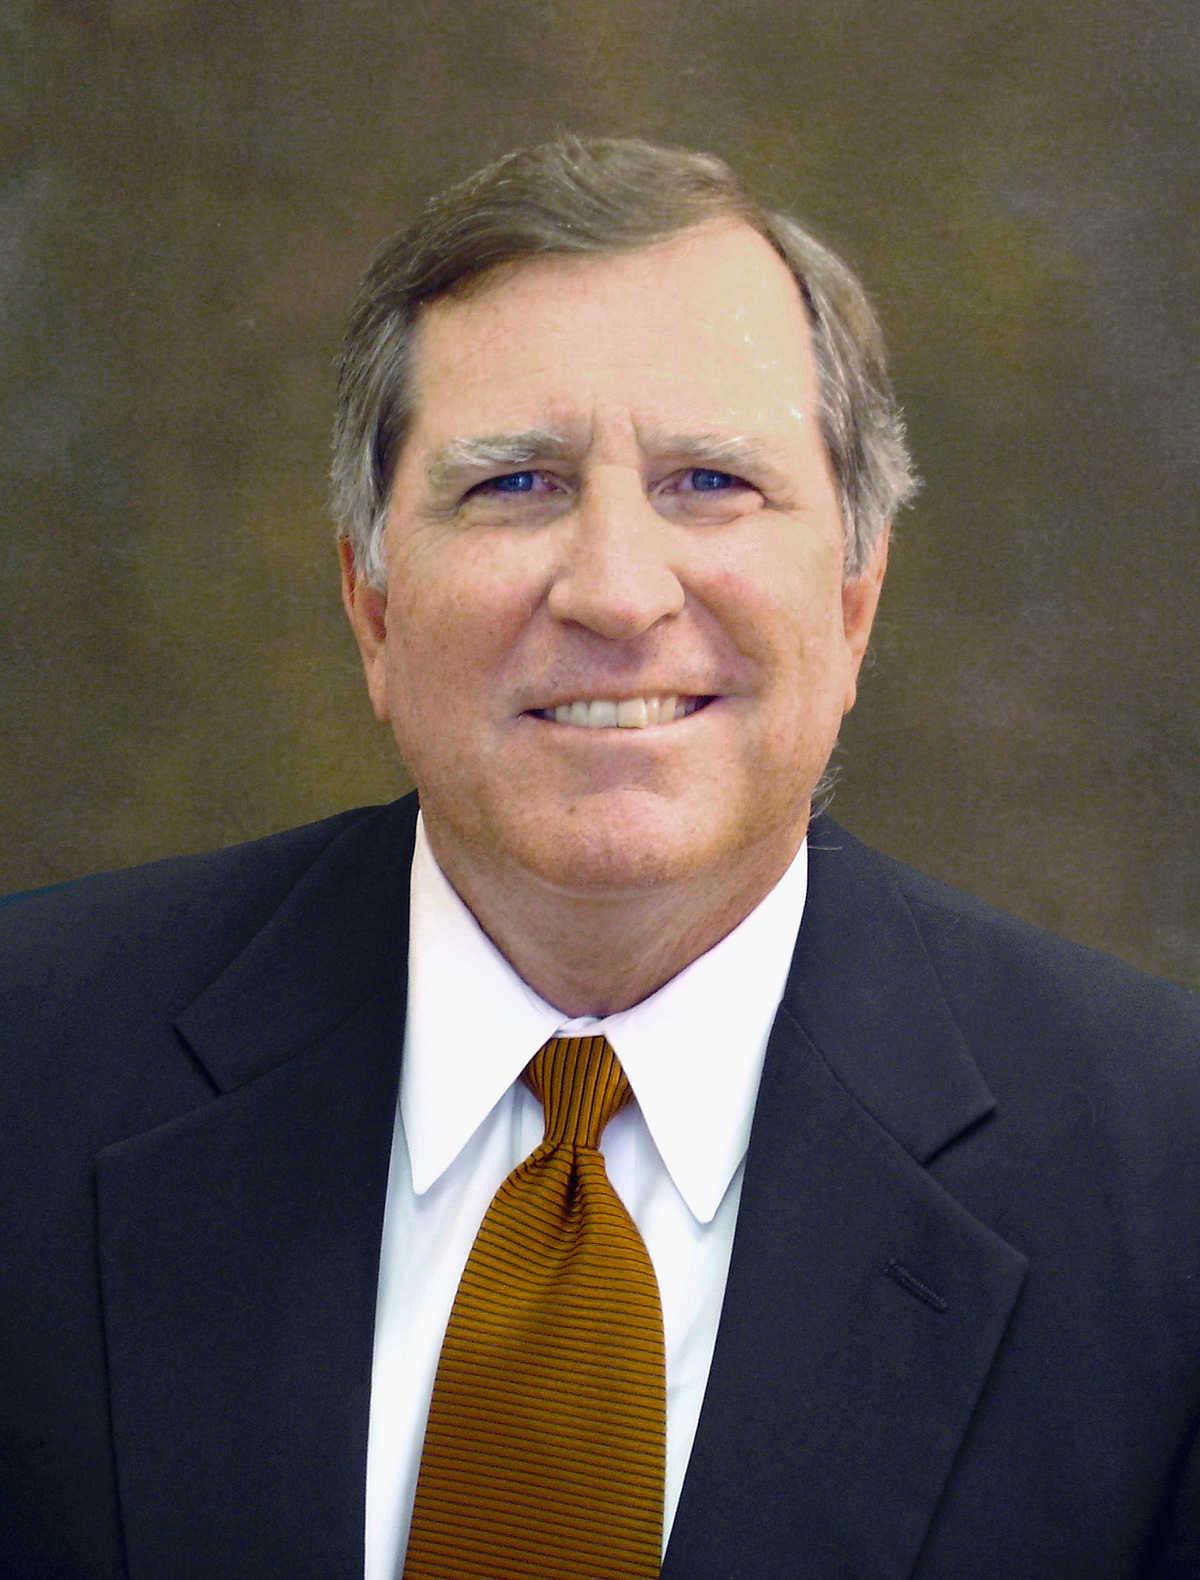 Photo of Philip J. Pfeiffer